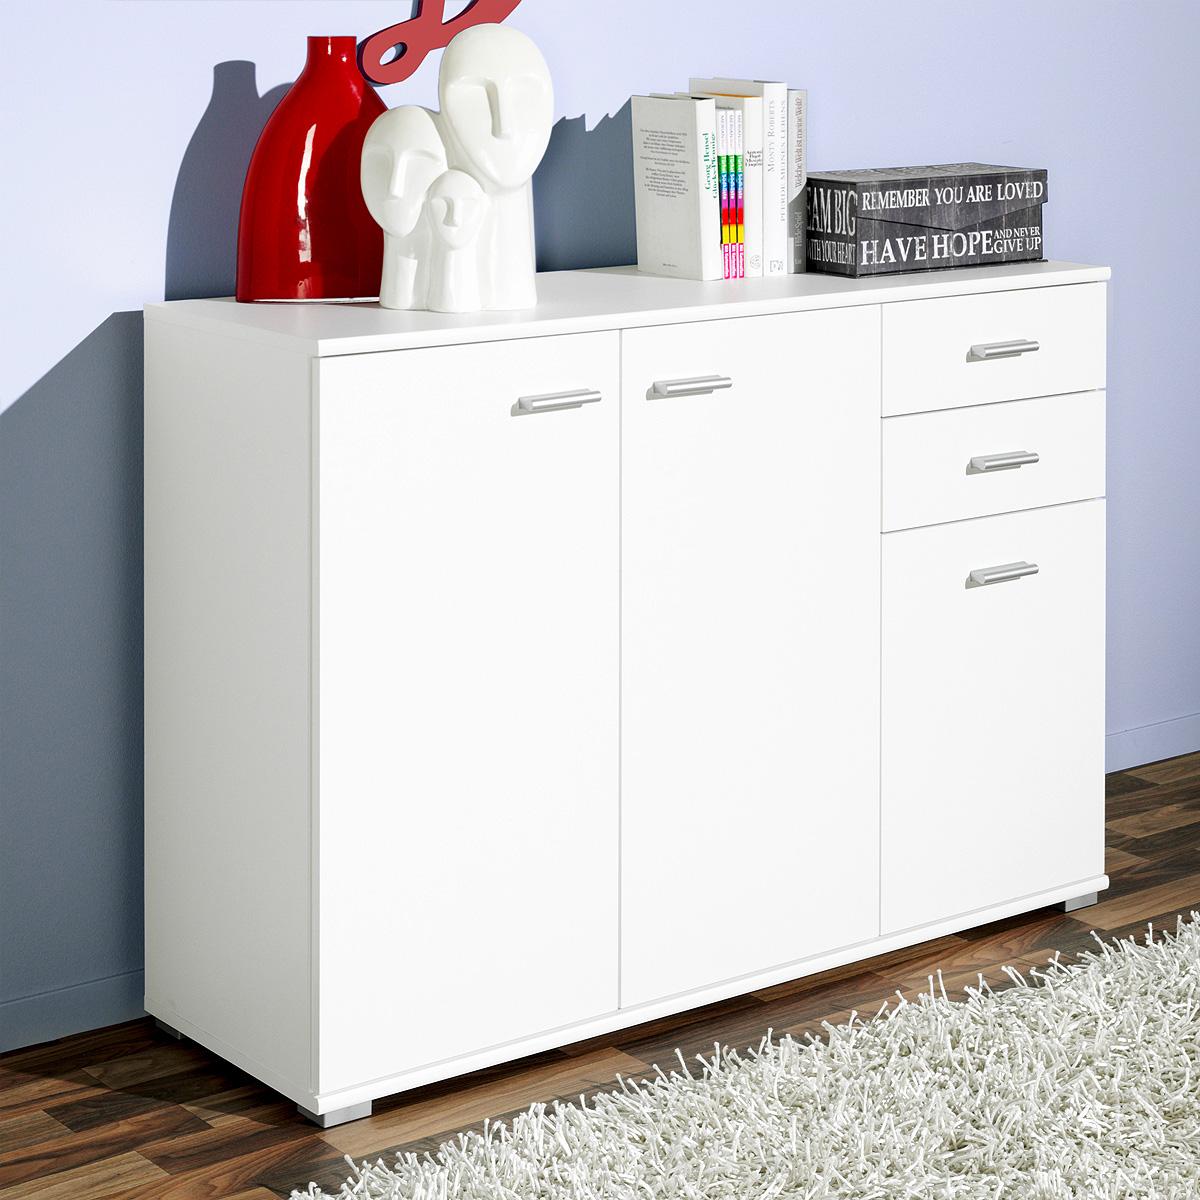 kommode p92 sideboard anrichte schrank wei eiche buche bussbaum von cs schmal ebay. Black Bedroom Furniture Sets. Home Design Ideas